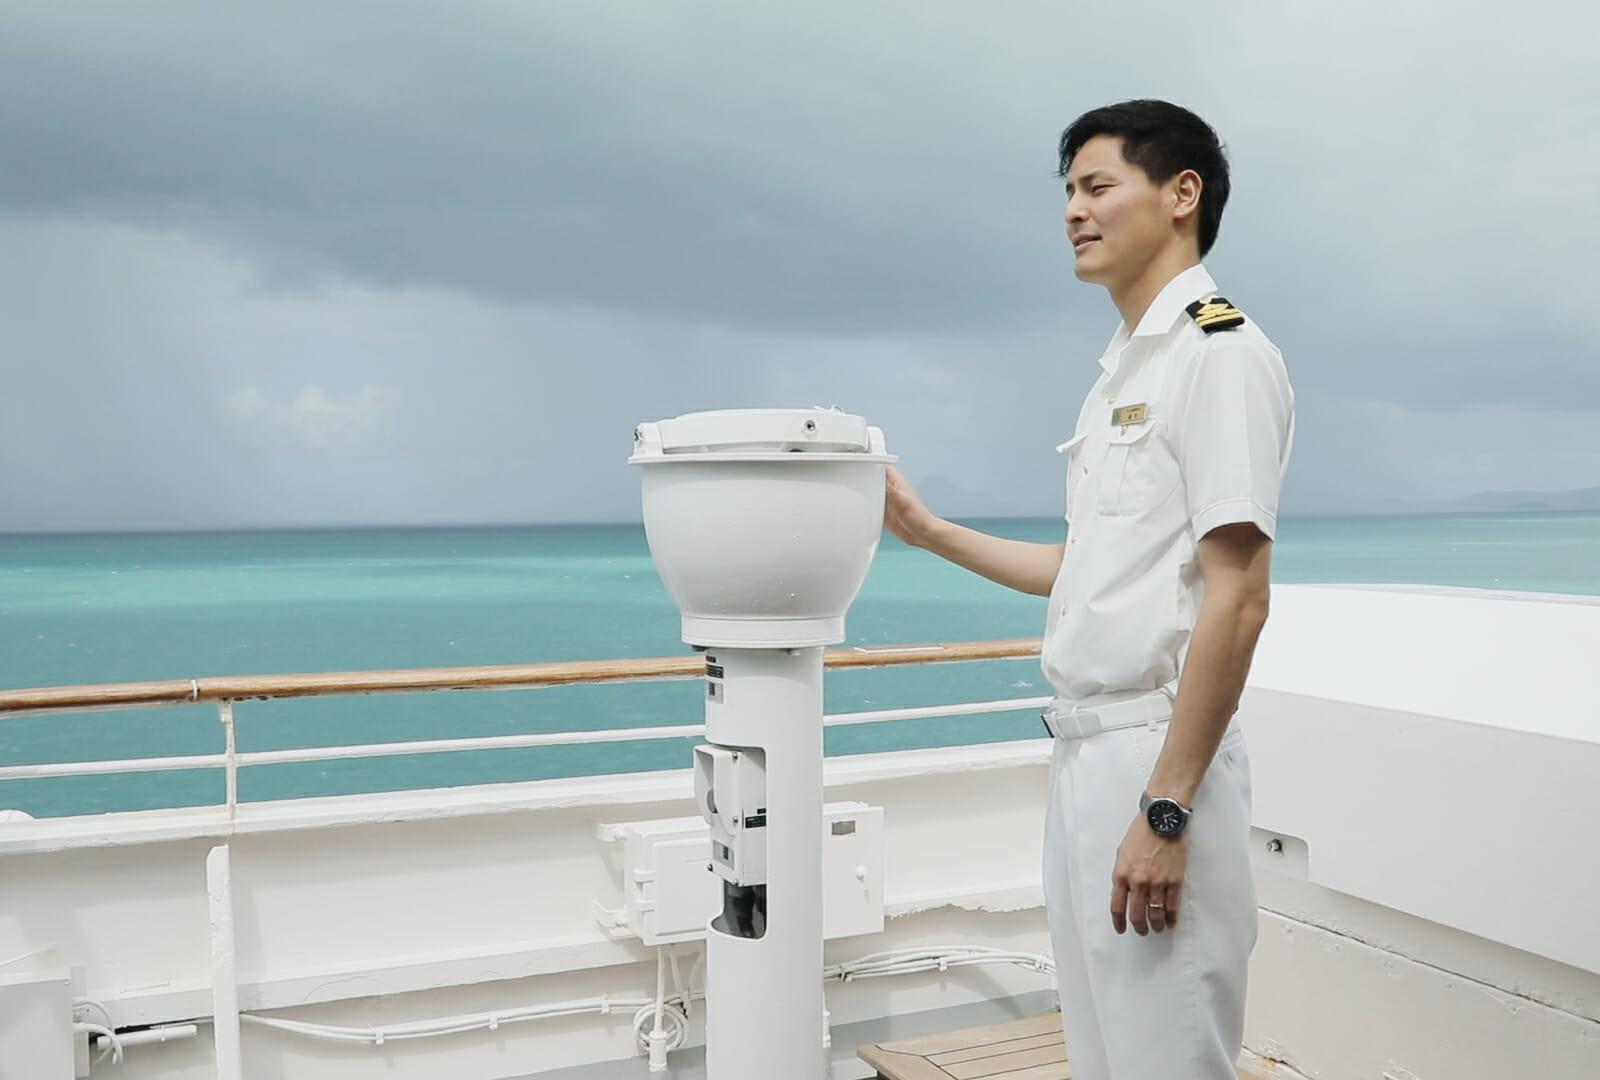 航海士が支えるクルーズ